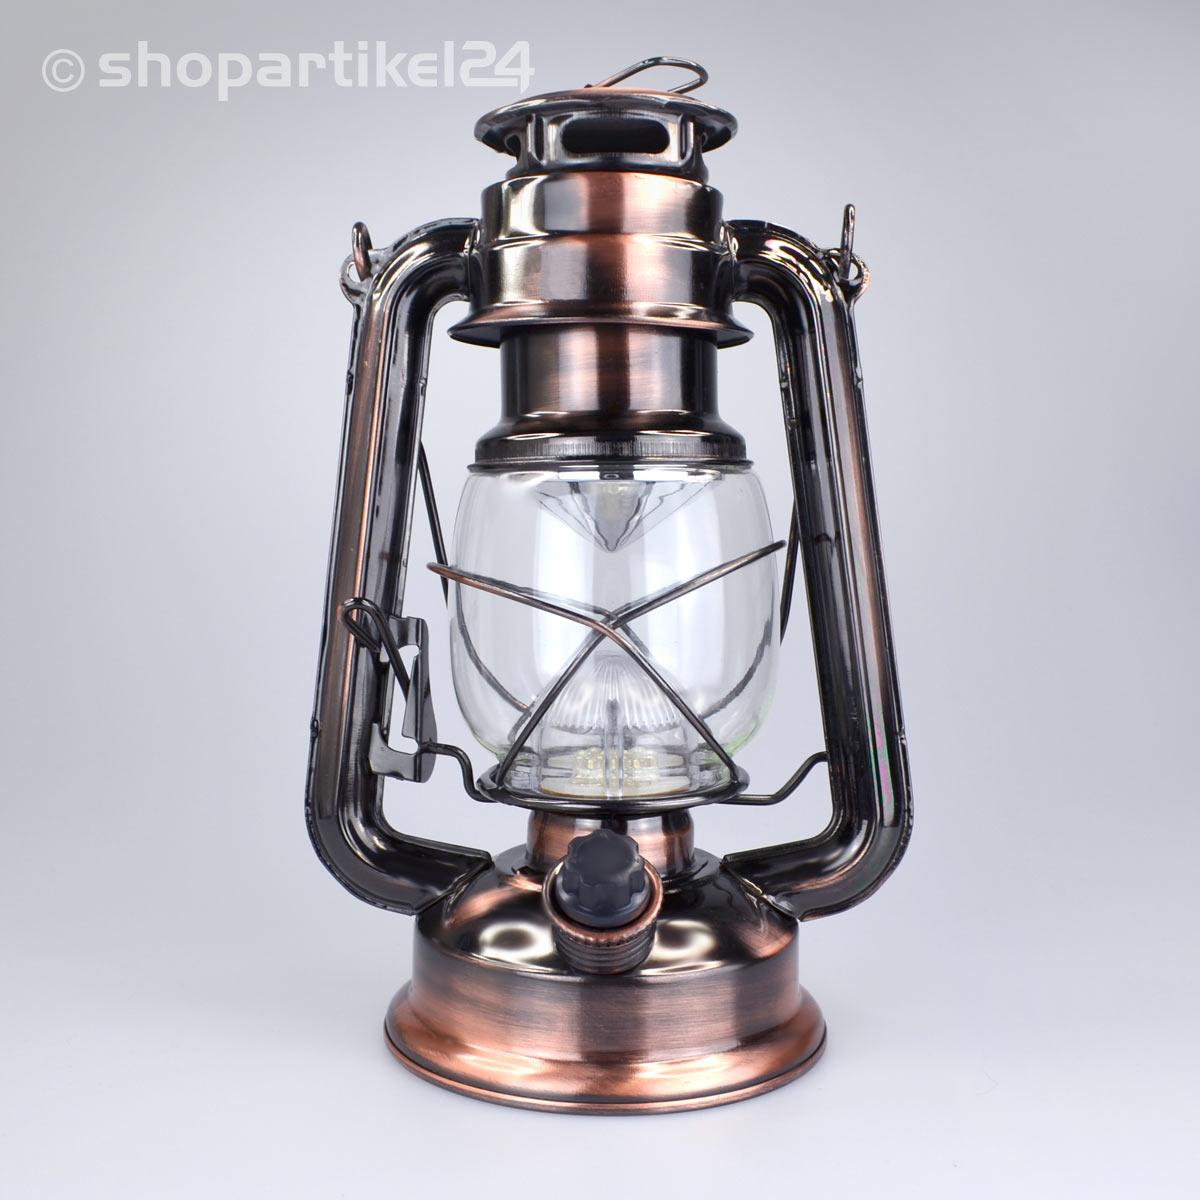 sturmlampe petroleumlampe antik laterne leuchte mit 15 led. Black Bedroom Furniture Sets. Home Design Ideas